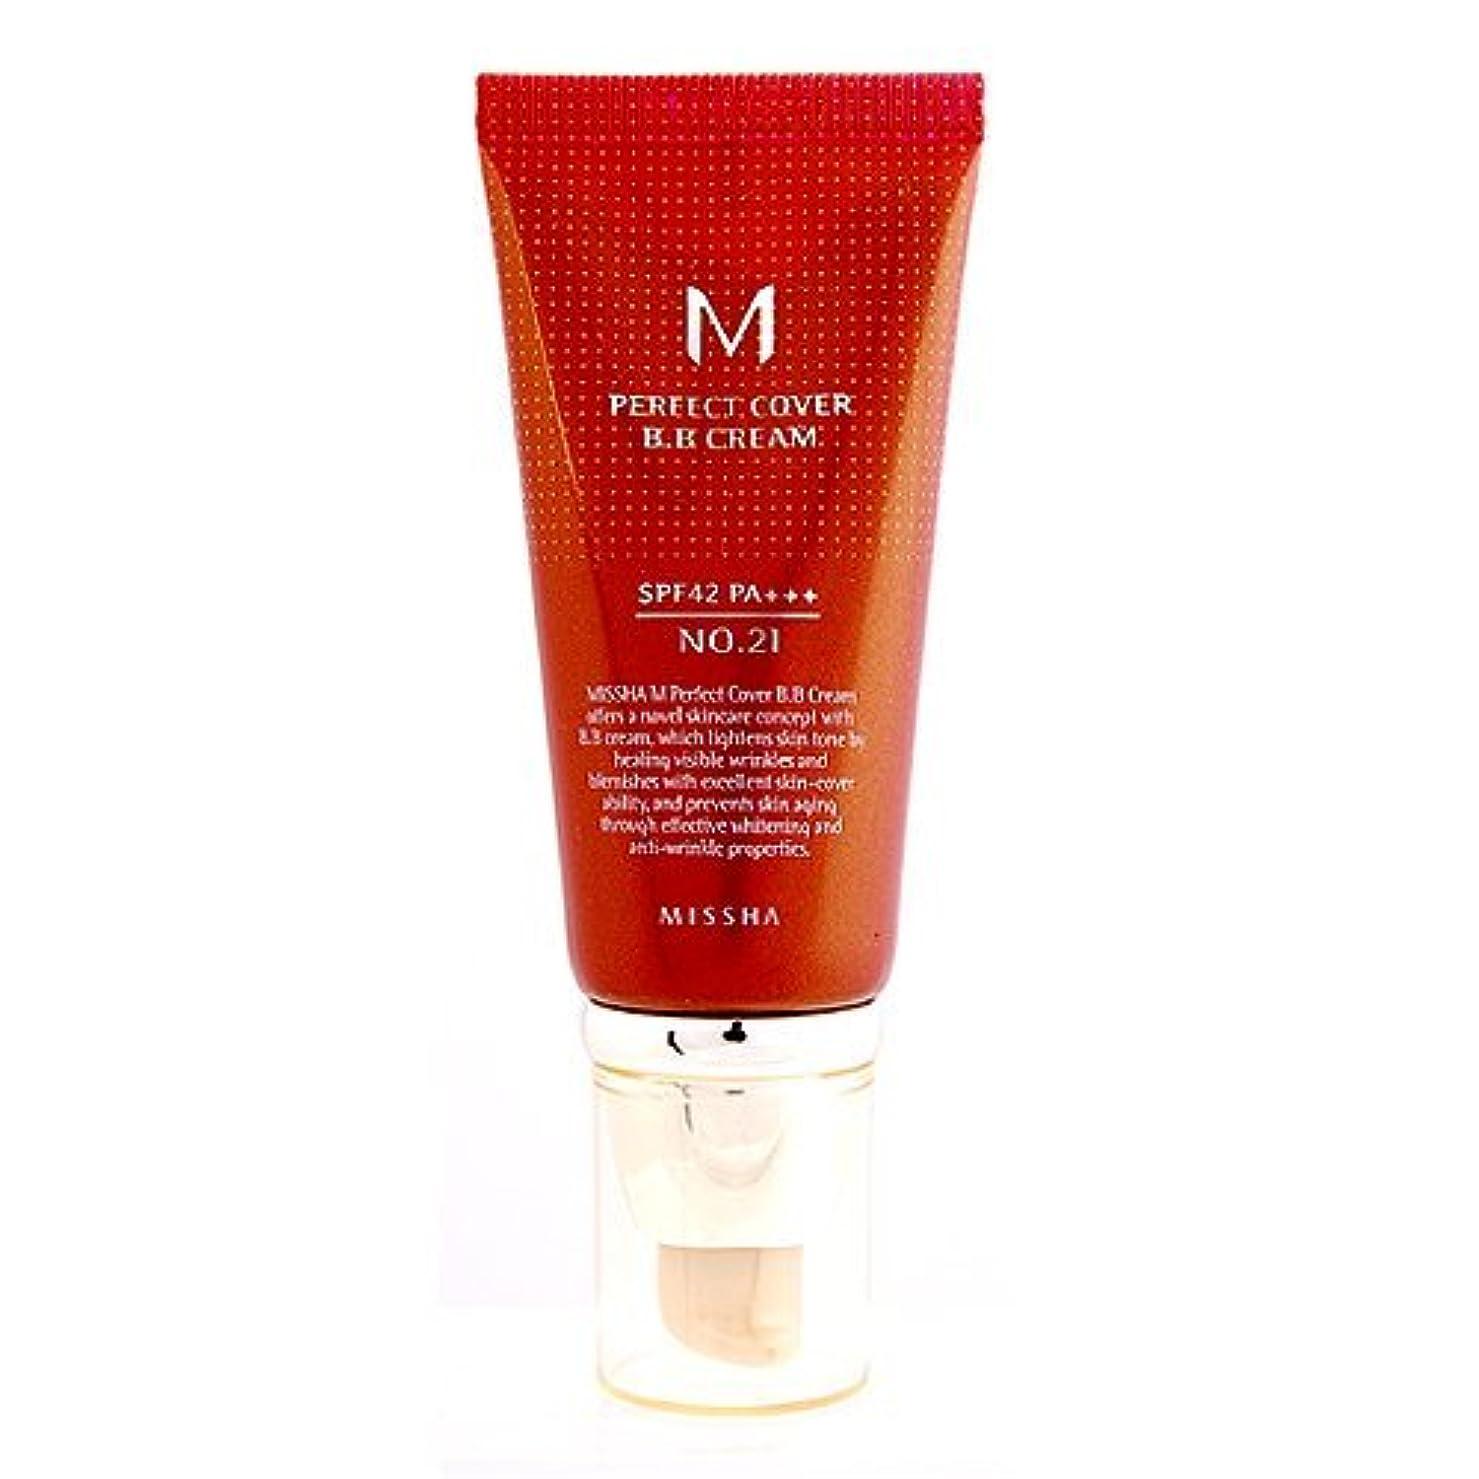 宇宙避けるごめんなさいMissha M Perfect Cover B.B. Cream SPF 42 PA+++ 21 Light Beige, 1.69oz, 50ml